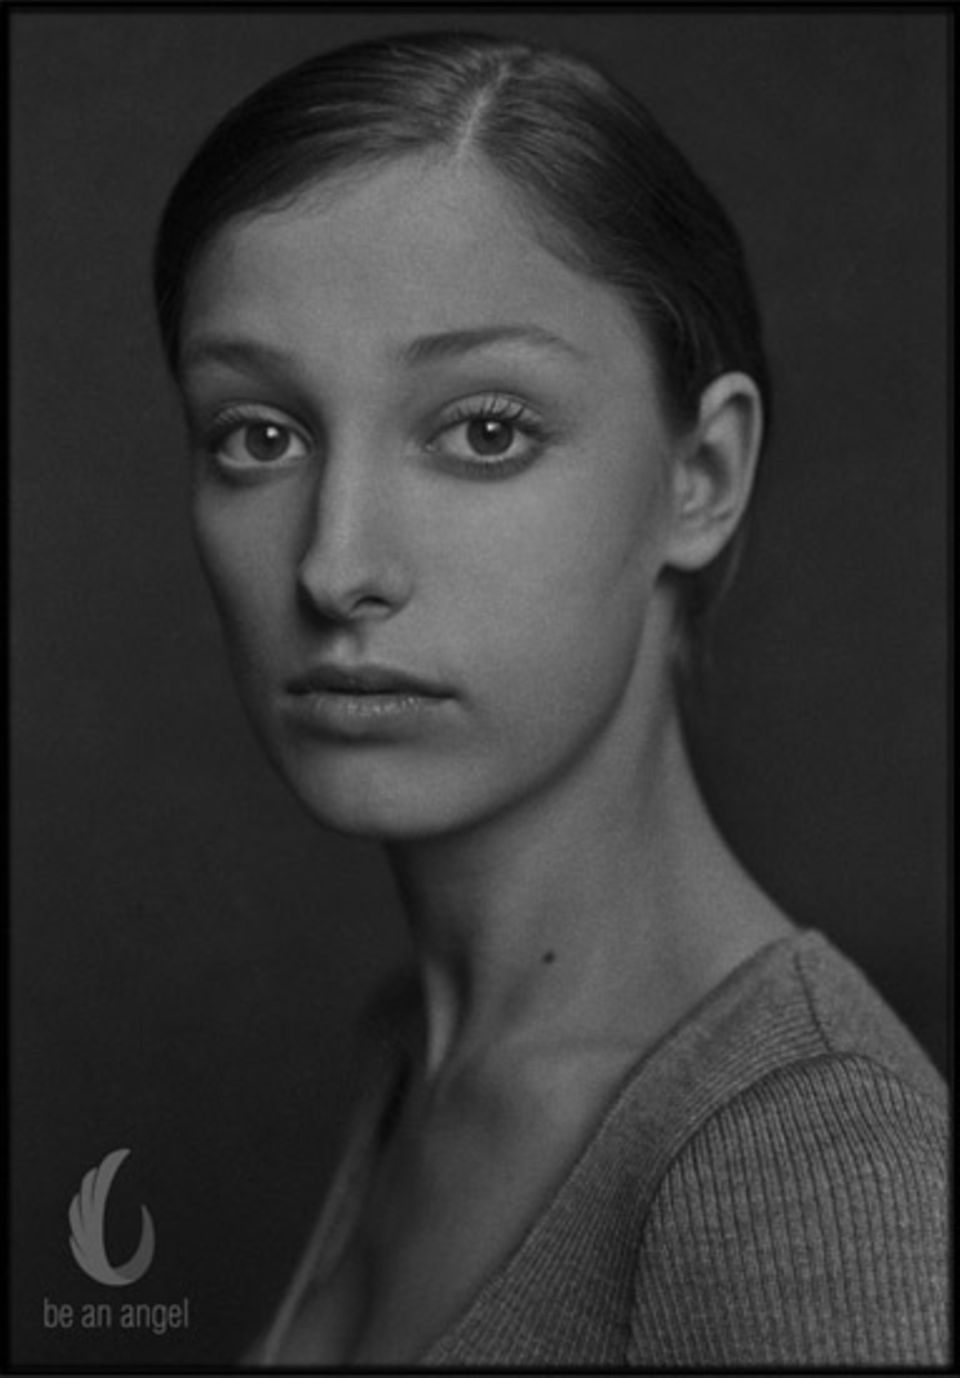 Nur in Grauschattierungen malt Jörg Klaus eine Portrait der Schauspielerin Alexandra Maria Lara.